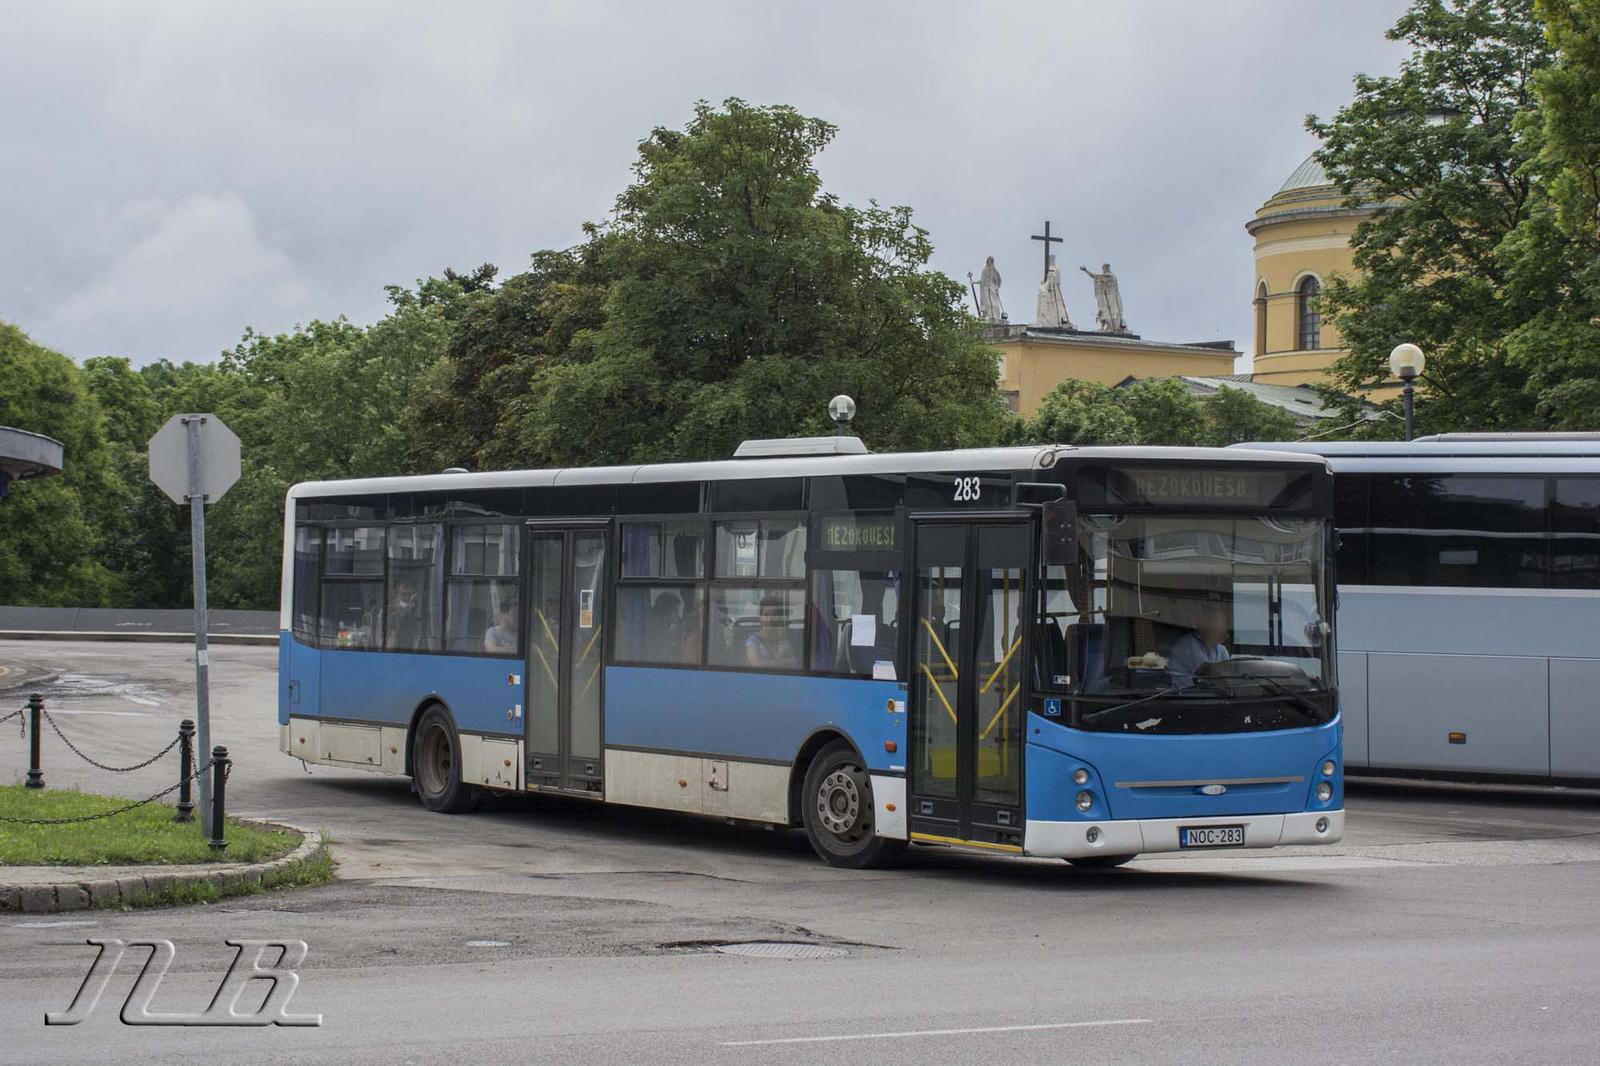 NOC-283